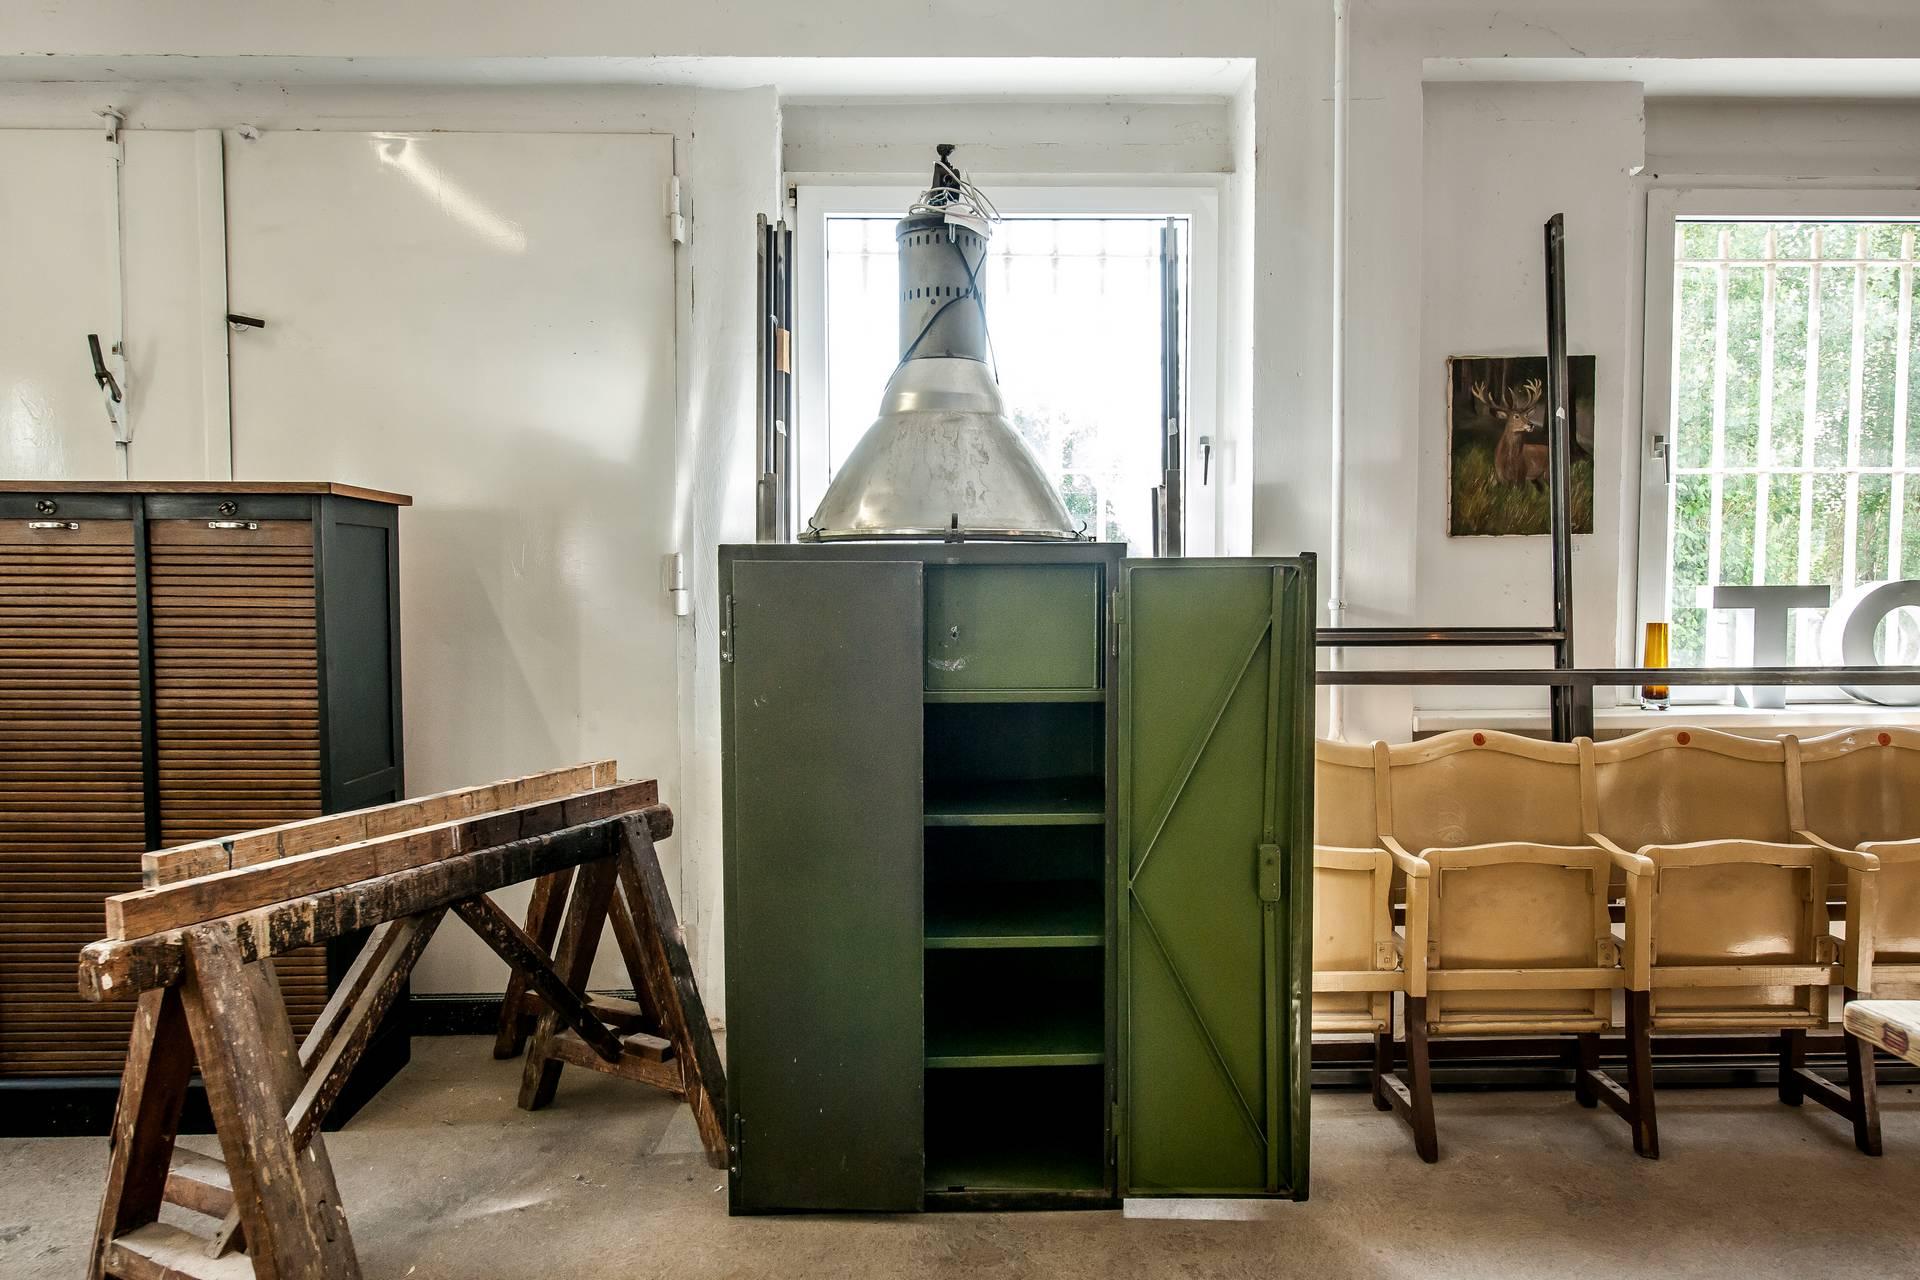 Geliebte Möbel Möbel Einrichtung Mit Charakter